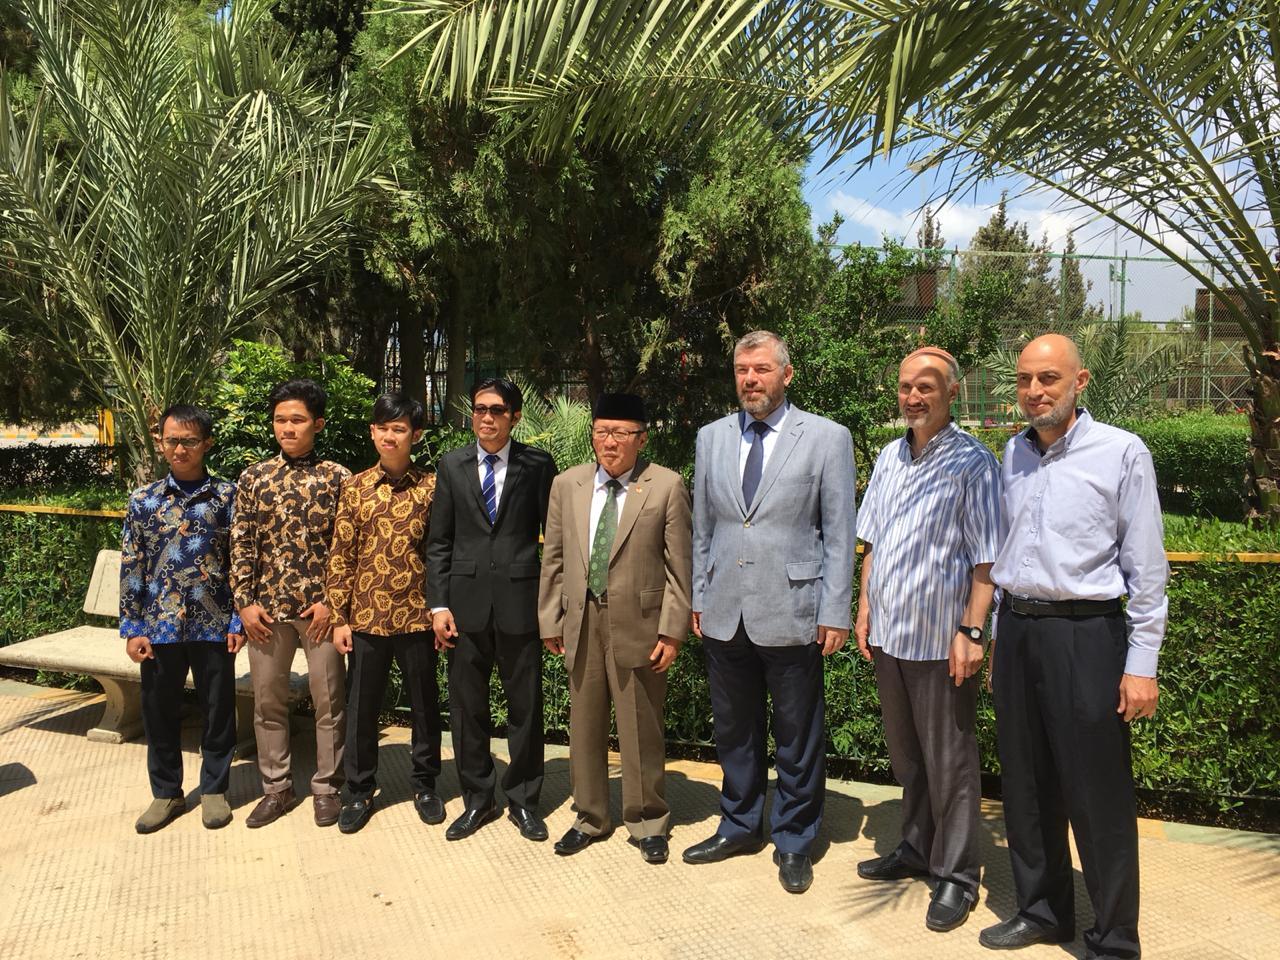 سفير اندونيسيا يزور جامعة طرابلس  (1/2)